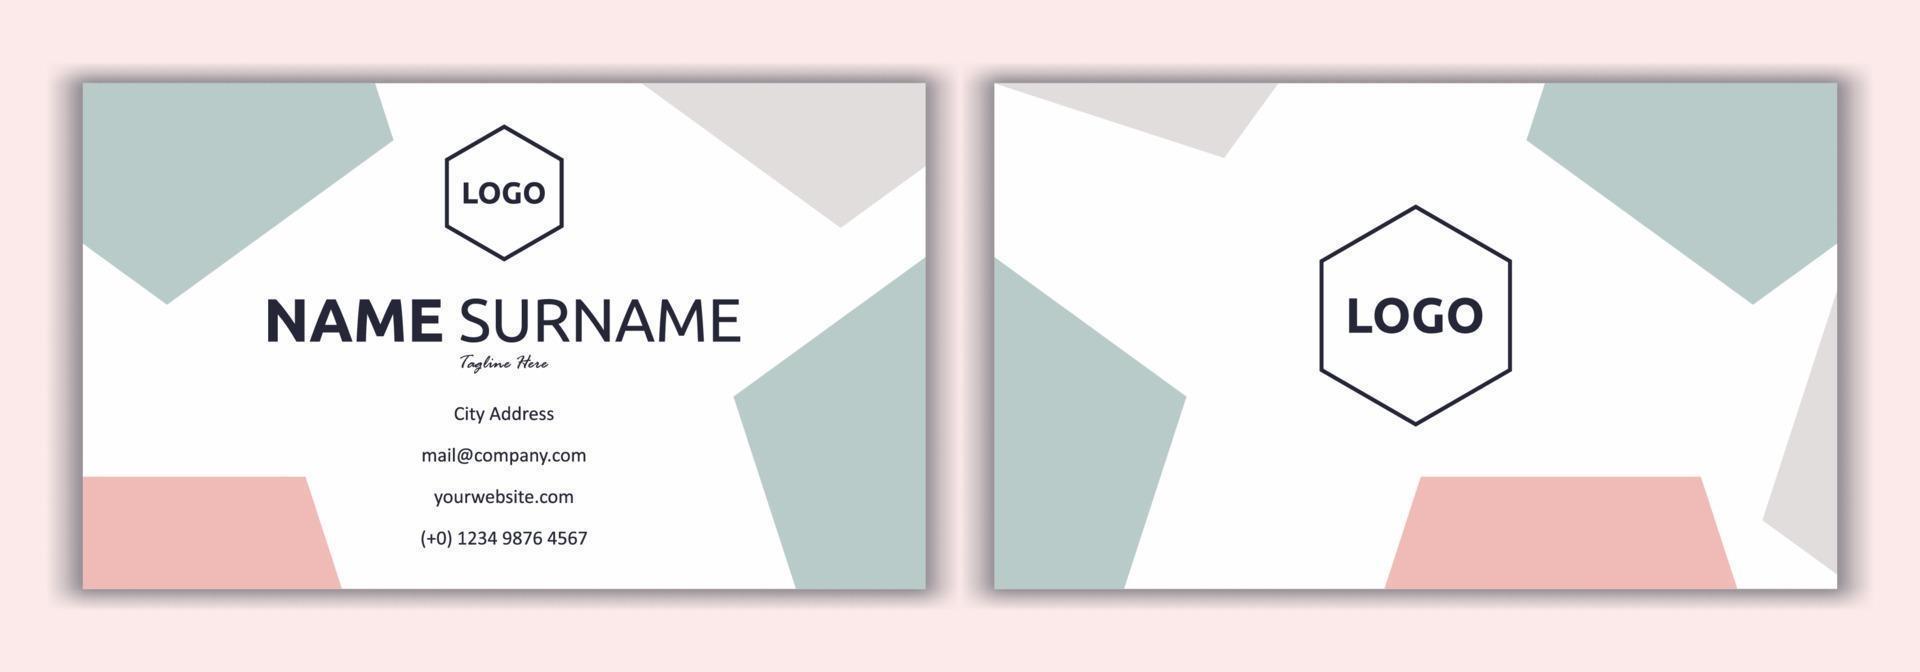 roze visitekaartje sjabloon vectorillustratie. mode en beauty achtergrond. plat eenvoudig ontwerp van visitekaartje met logo-monster, zacht en pastelkleurig. briefpapierontwerp, afdruksjabloon. vector